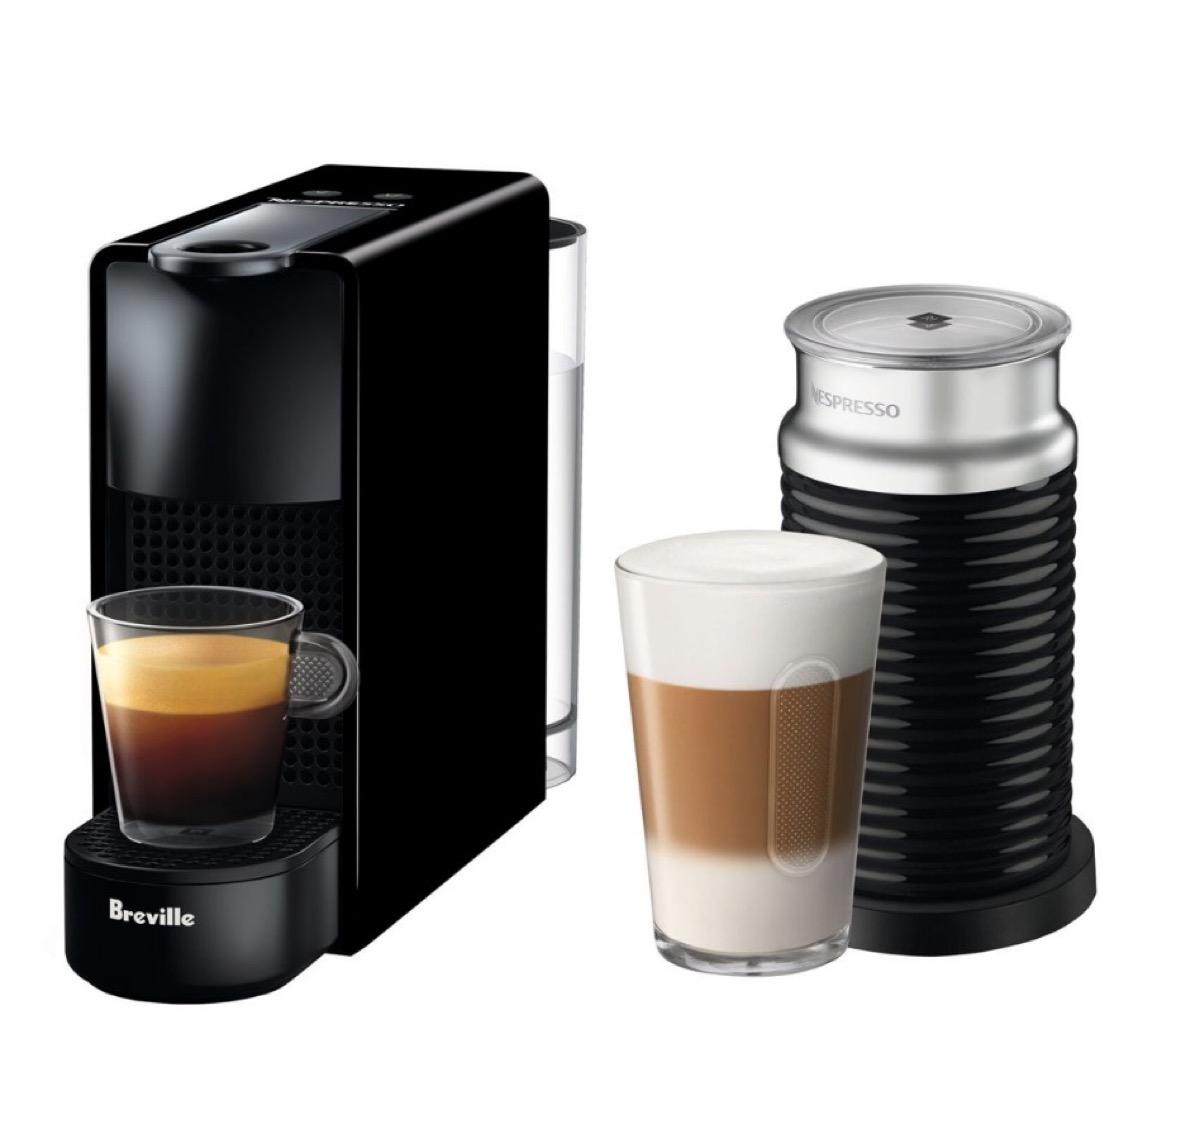 machine nespresso breville